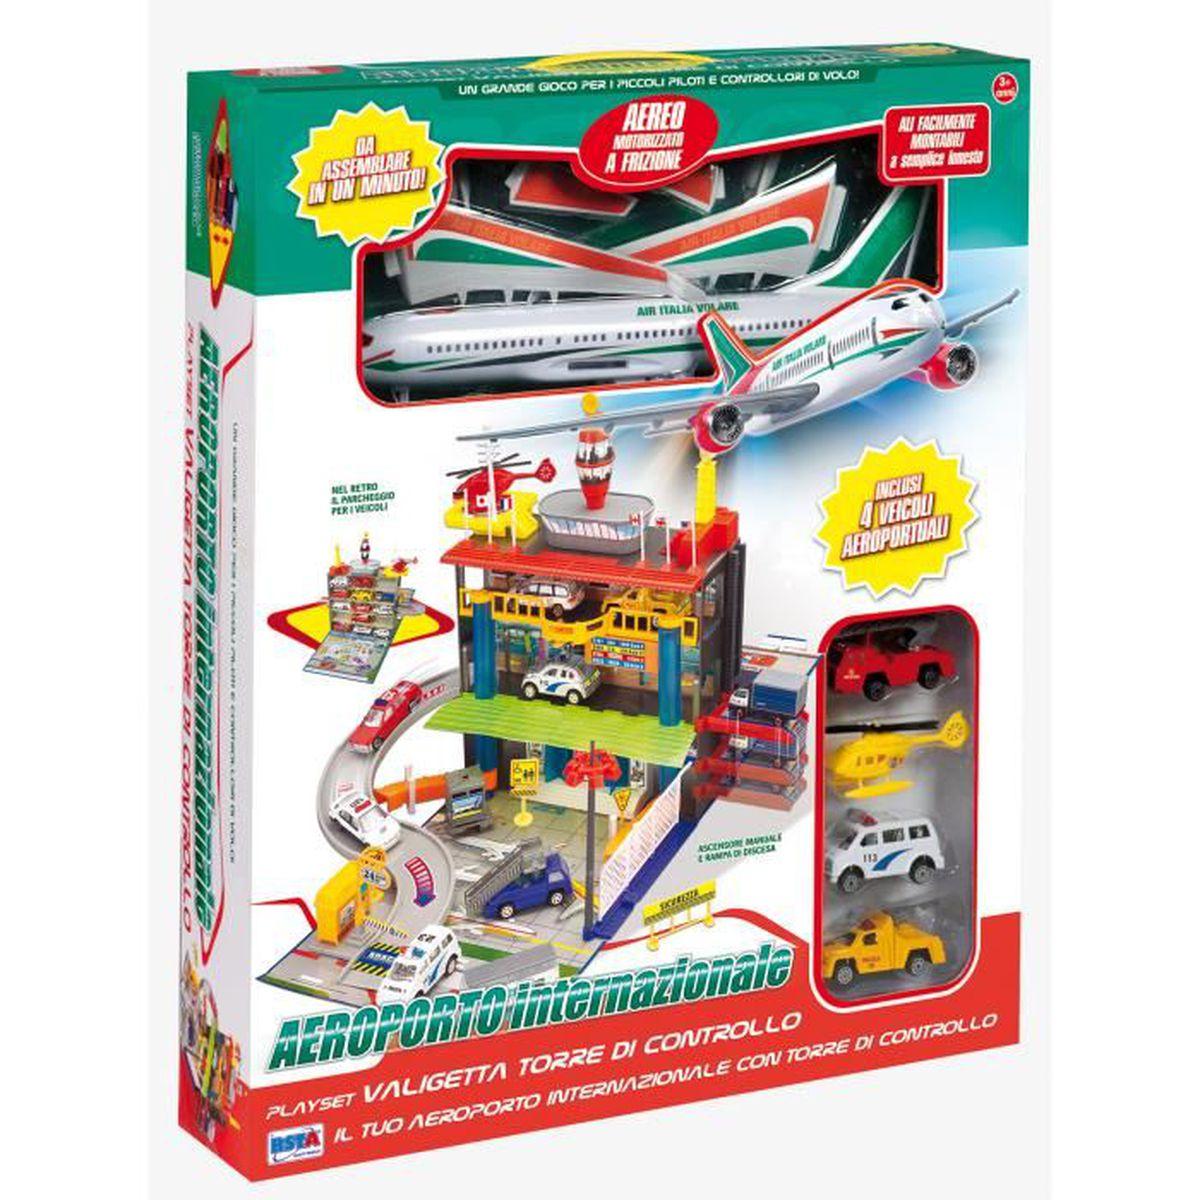 rs toys a roport de playset par avion voiture jeux jouets achat vente kit mod lisme. Black Bedroom Furniture Sets. Home Design Ideas